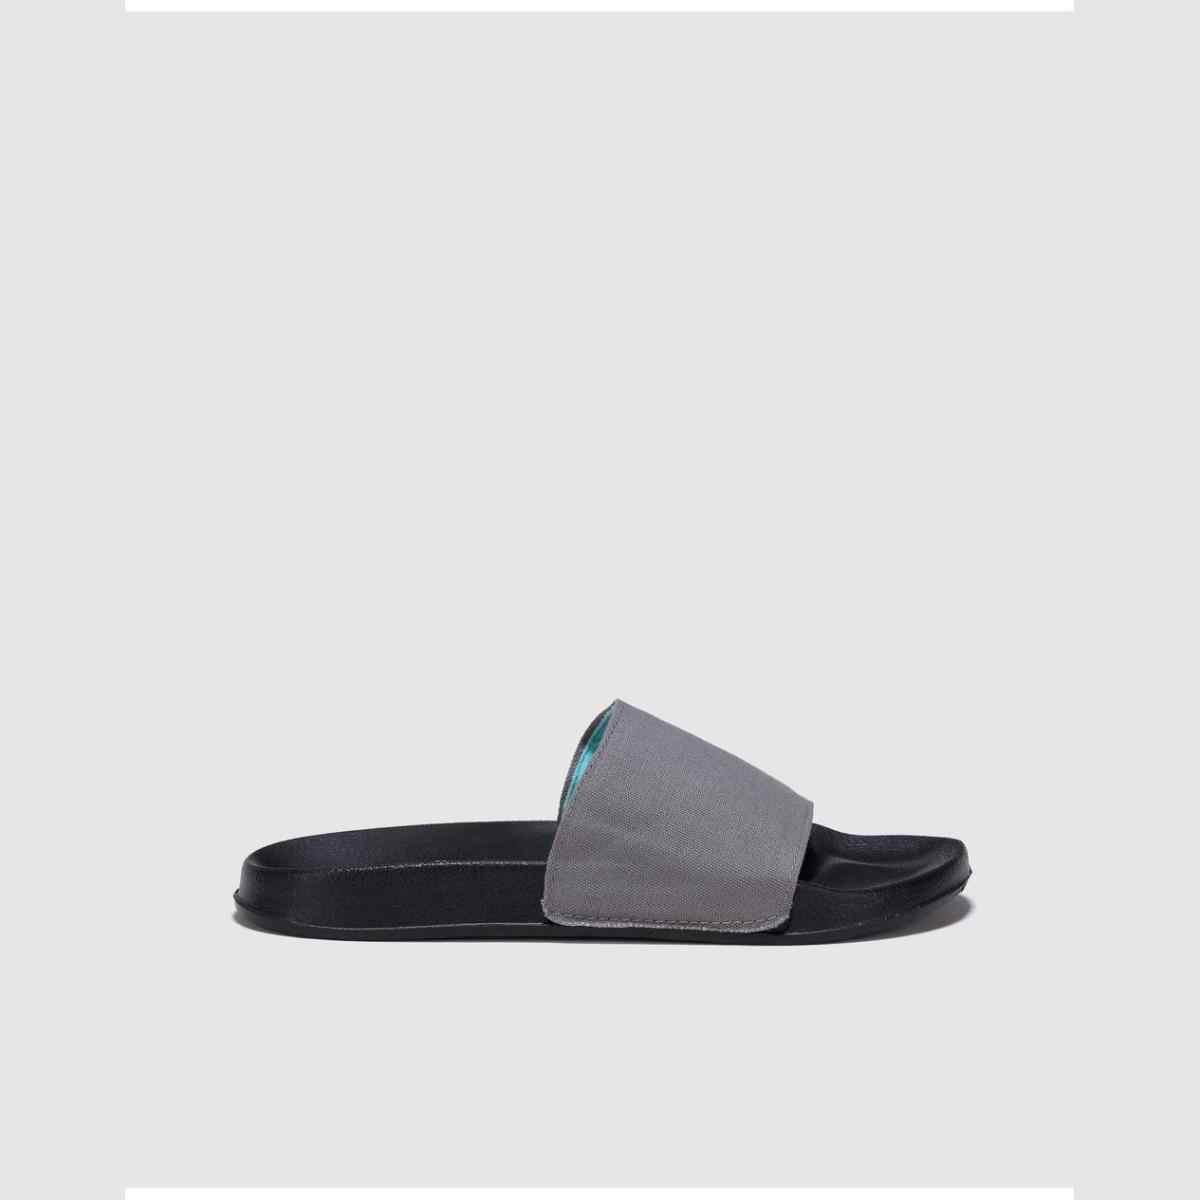 UNIT Chanclas de Mujer Negro con Pala Ancha en Color Gris Slippers Básicos Zapatillas Chanclas Playa Mujer Sandalias Estilo Casual Flat Cómodos Moda Mujer Nueva Temporada Verano Diseño El Corte Inglés